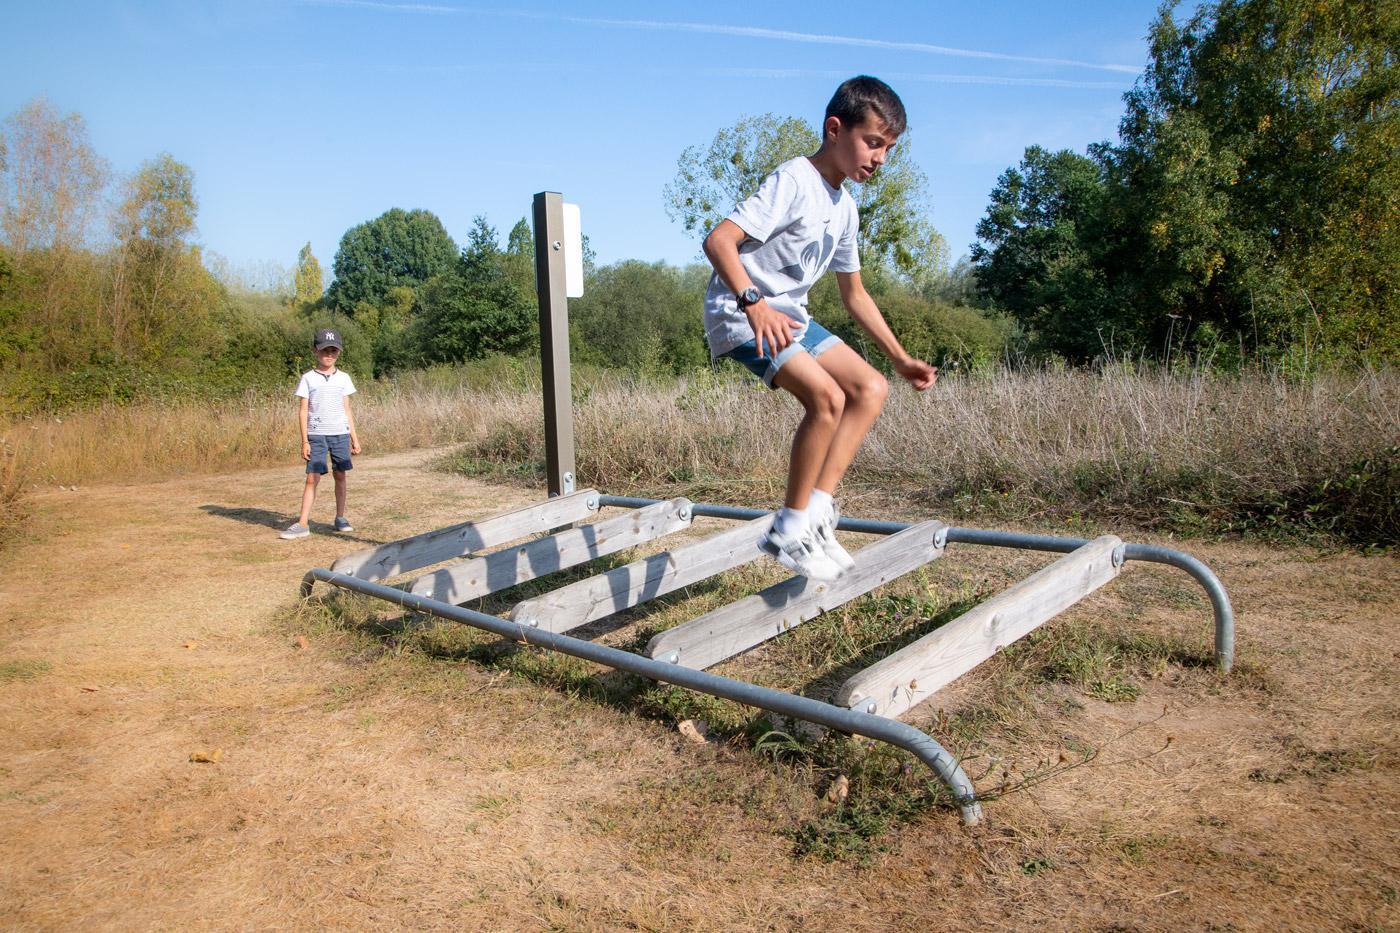 Camping Sites Et Paysages Les Saules Cheverny Activite Parcours Fun